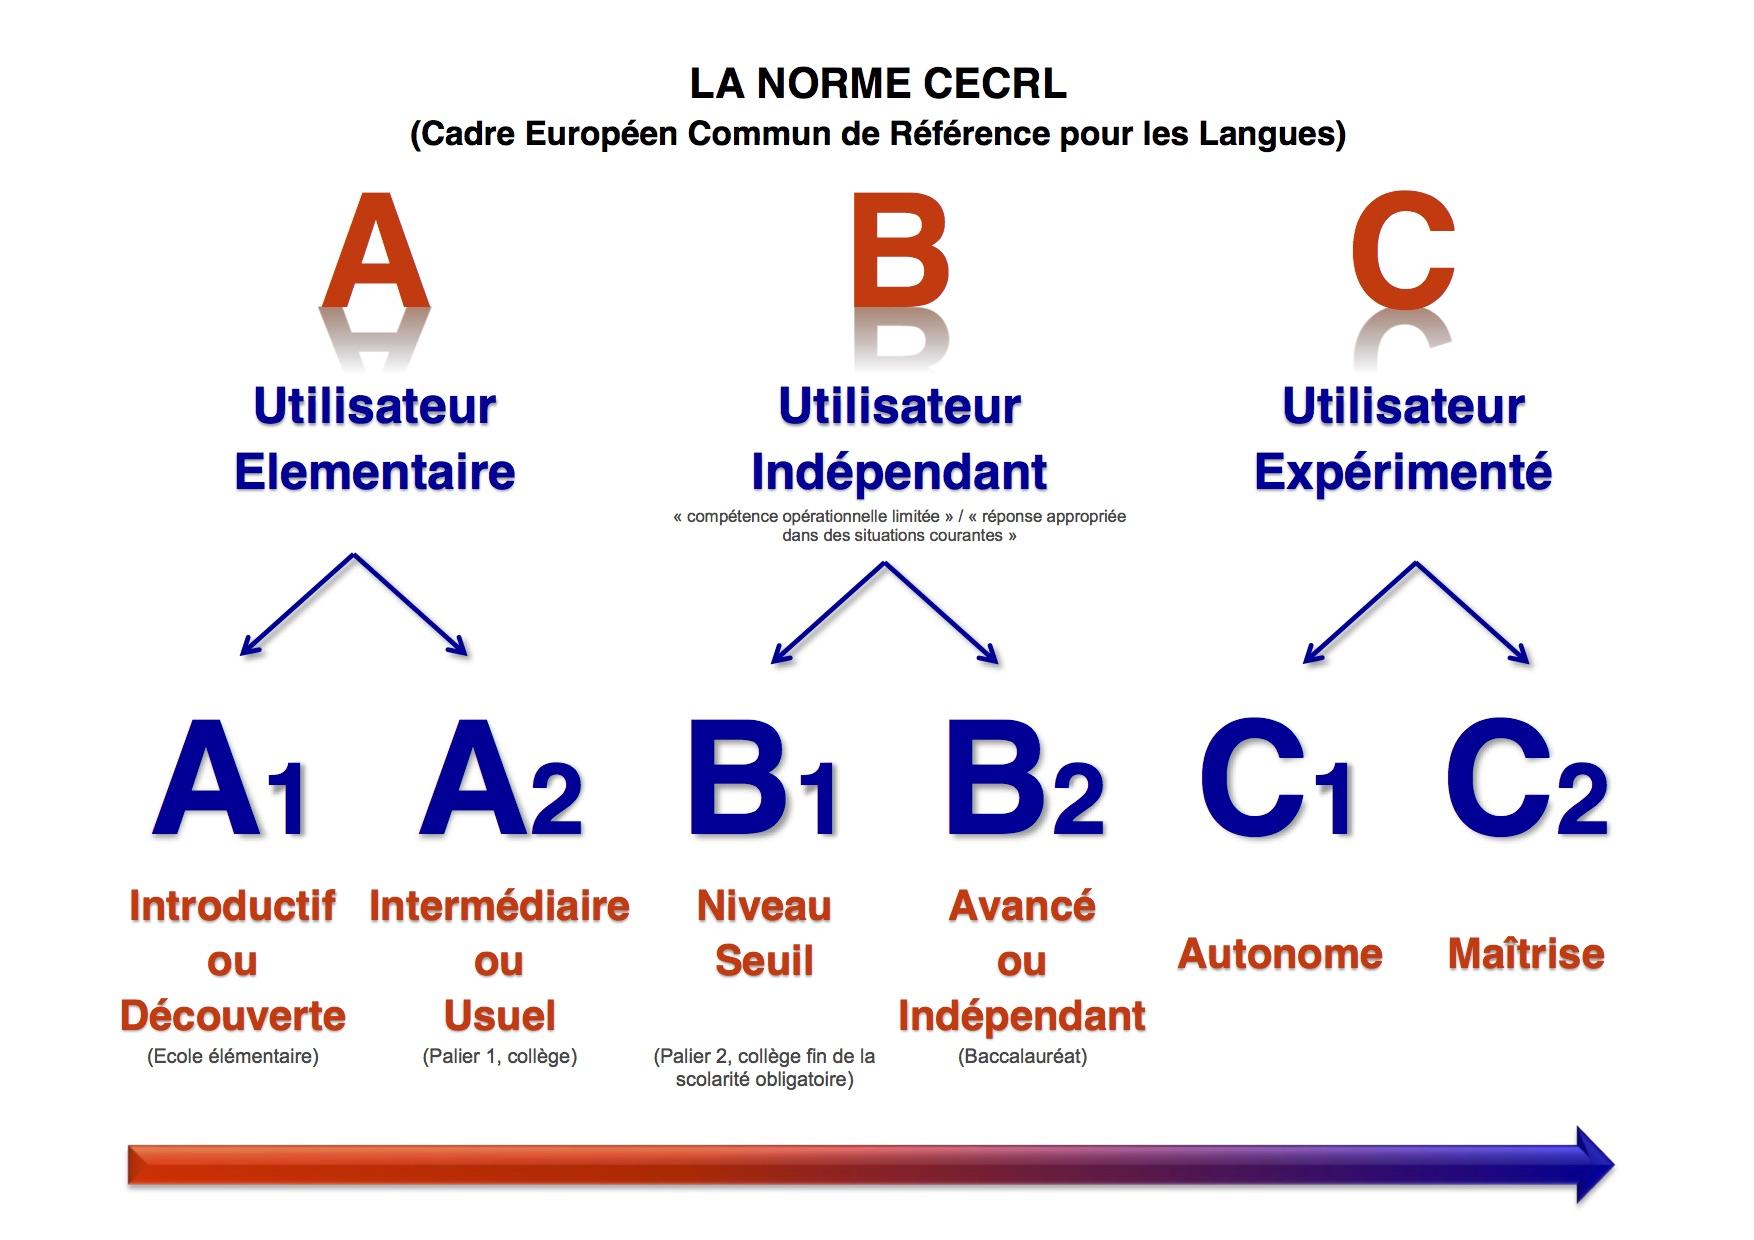 quoi ecrire pour les niveaux de langue dans un cv